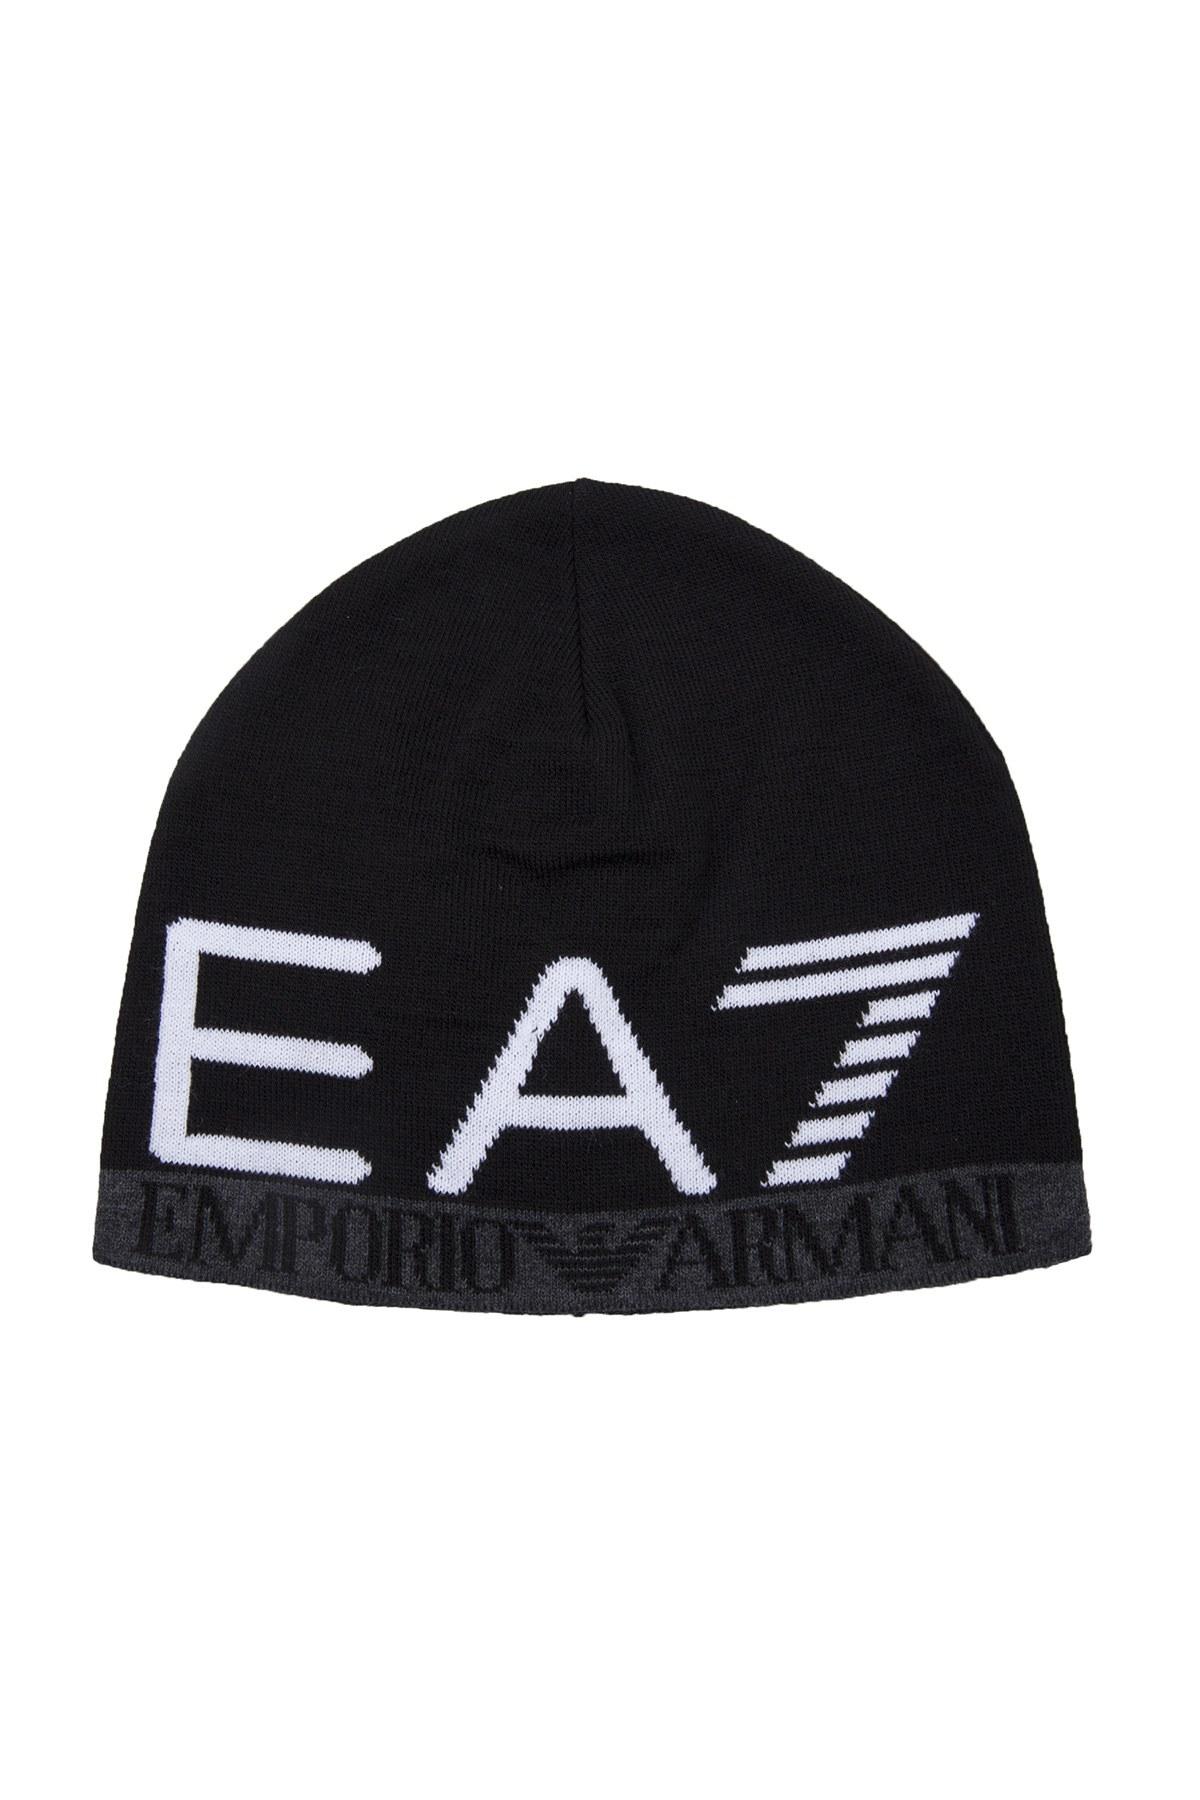 EA7 Erkek Şapka 275560 7A393 00020 SİYAH